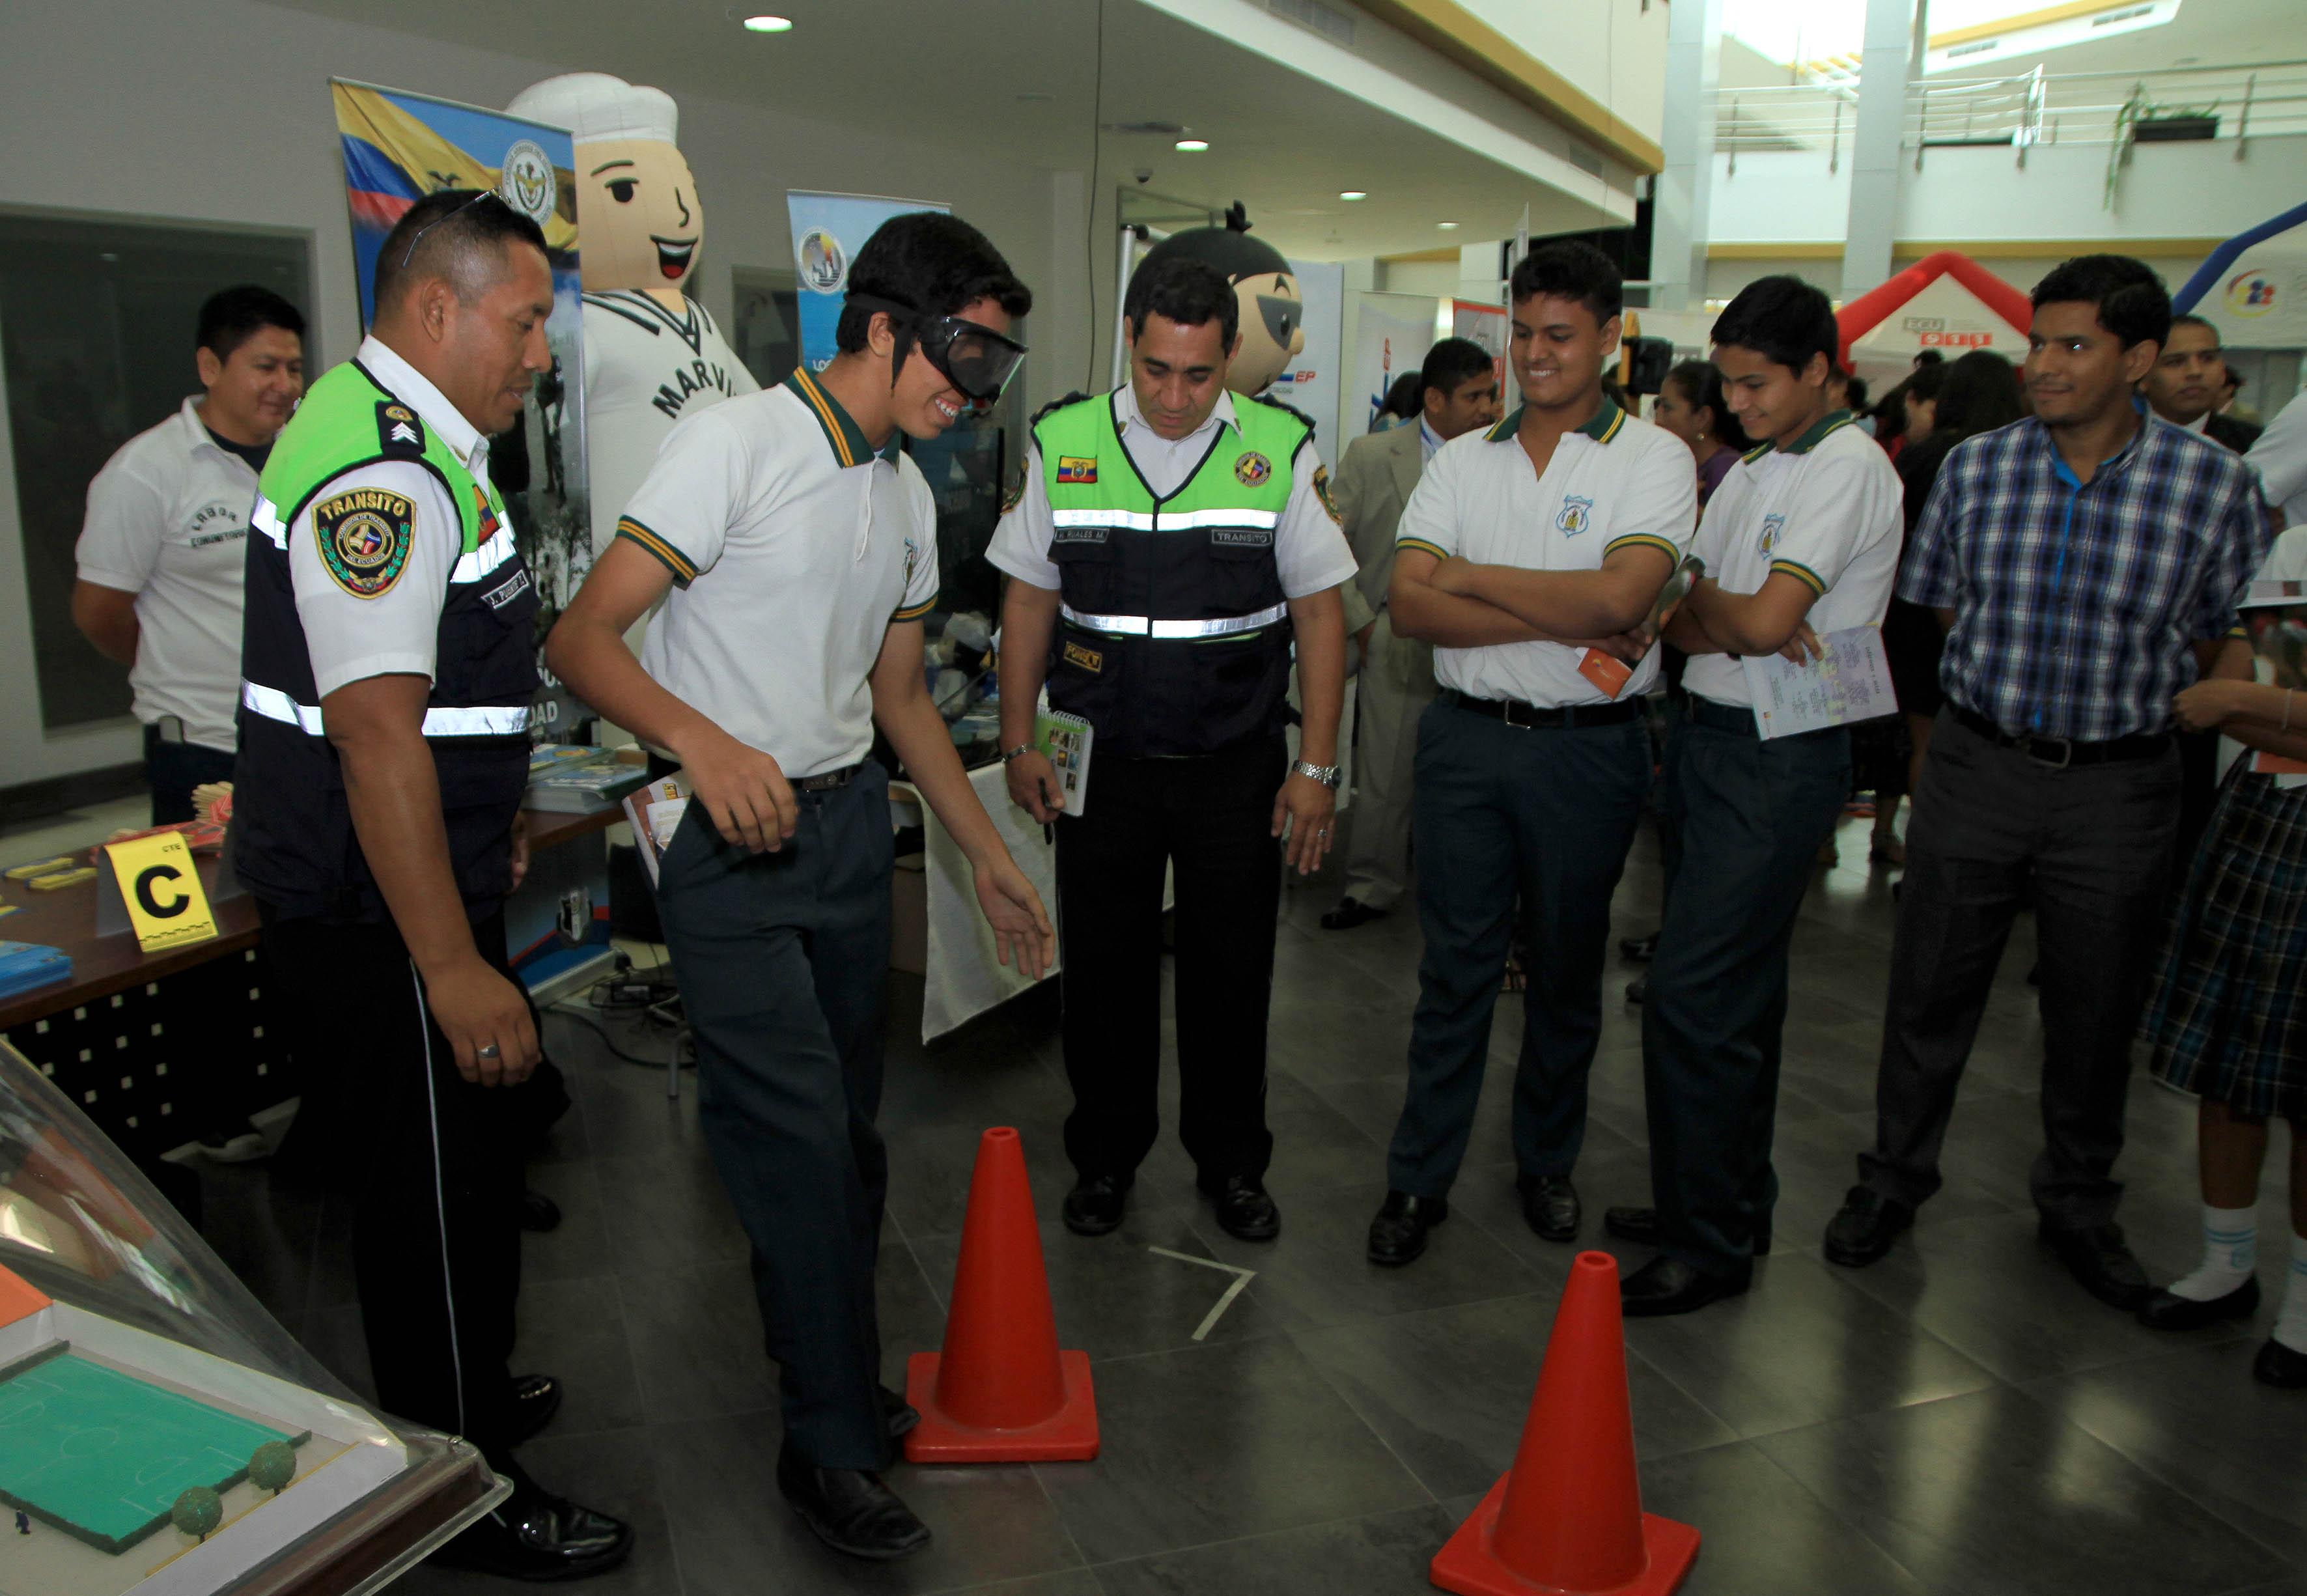 ECU 911 (16426151696).jpg Guayaquil, jueves 05 de febrero del 2015.- El Servicio Integrado de Seguridad realizó una casa abierta con la finalidad